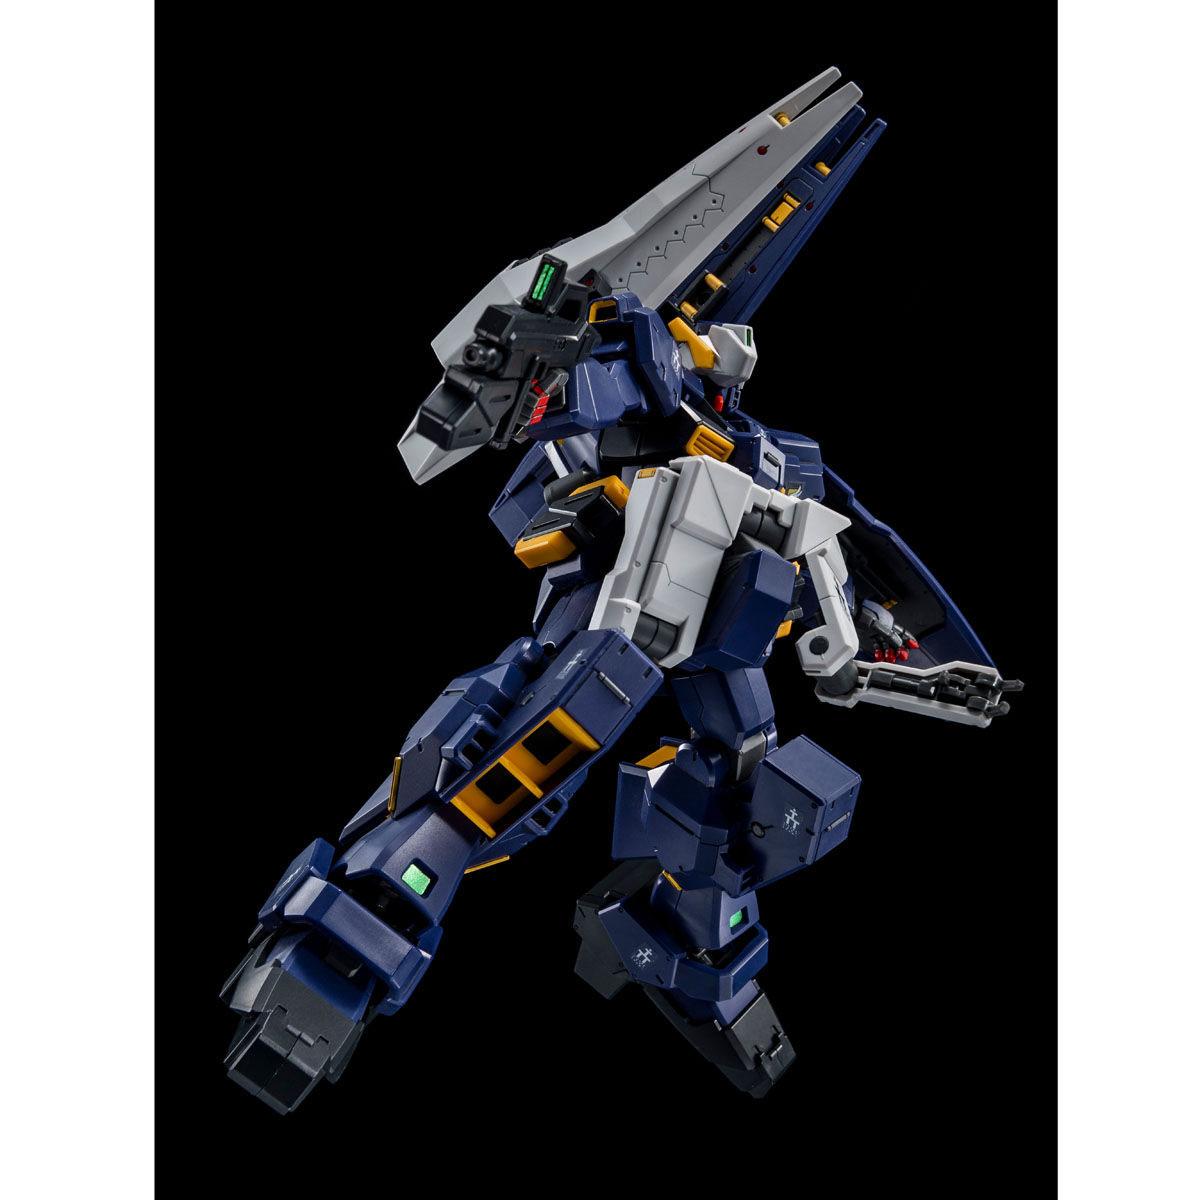 HG 1/144『ガンダムTR-1[アドバンスド・ヘイズル]&ガンダムTR-6用拡張パーツ』プラモデル-006